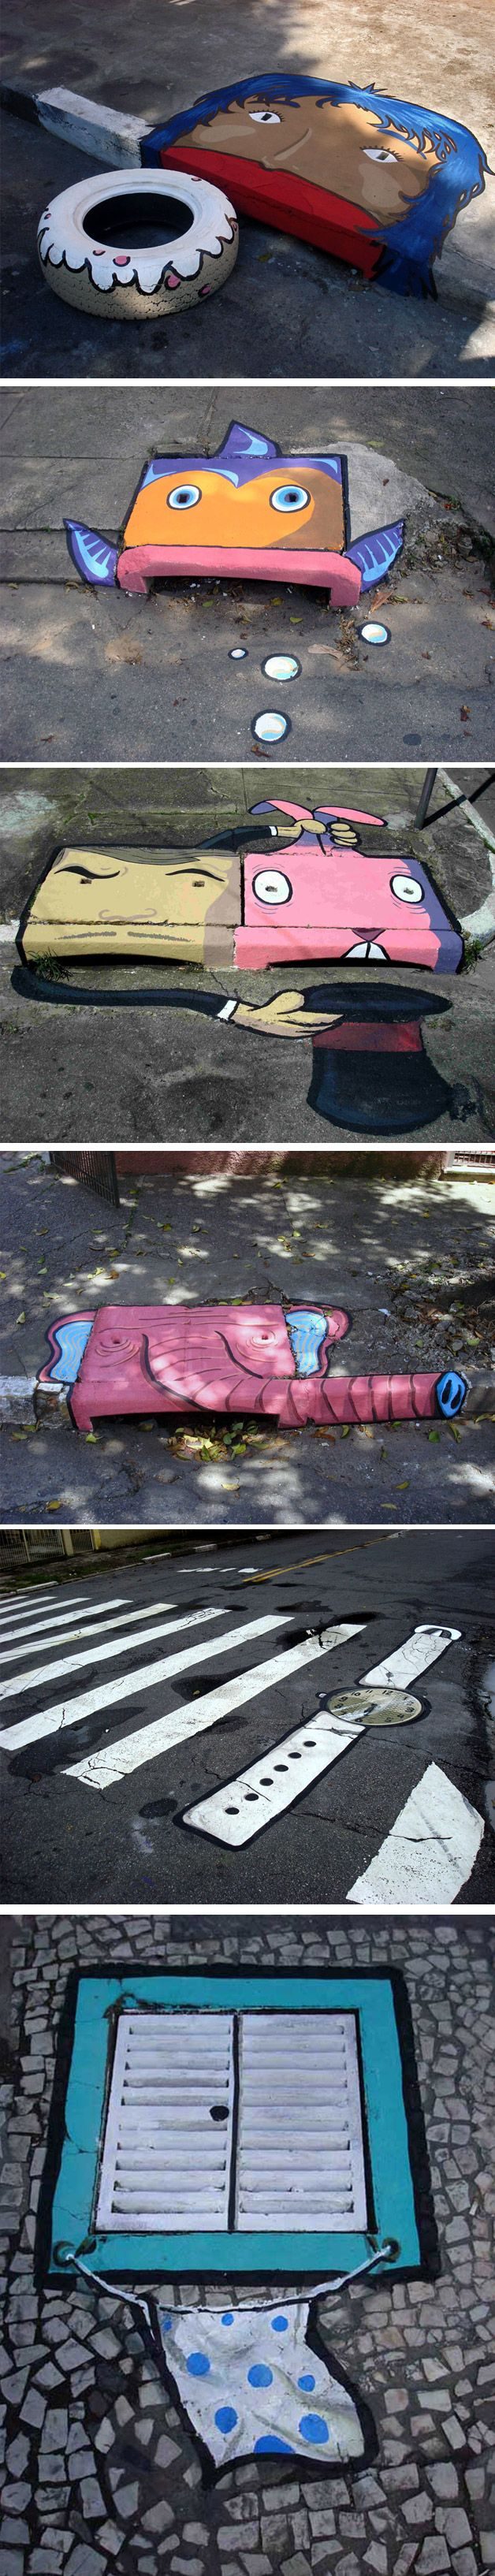 Street art em bueiros de rua Muita gente já conhece o trabalho da dupla de artistas Anderson Augusto e Leonardo Delafuente do 6emeia. Mas nós não poderiamos deixar de mostrar suas novas obras e incluir algumas clássicas também.